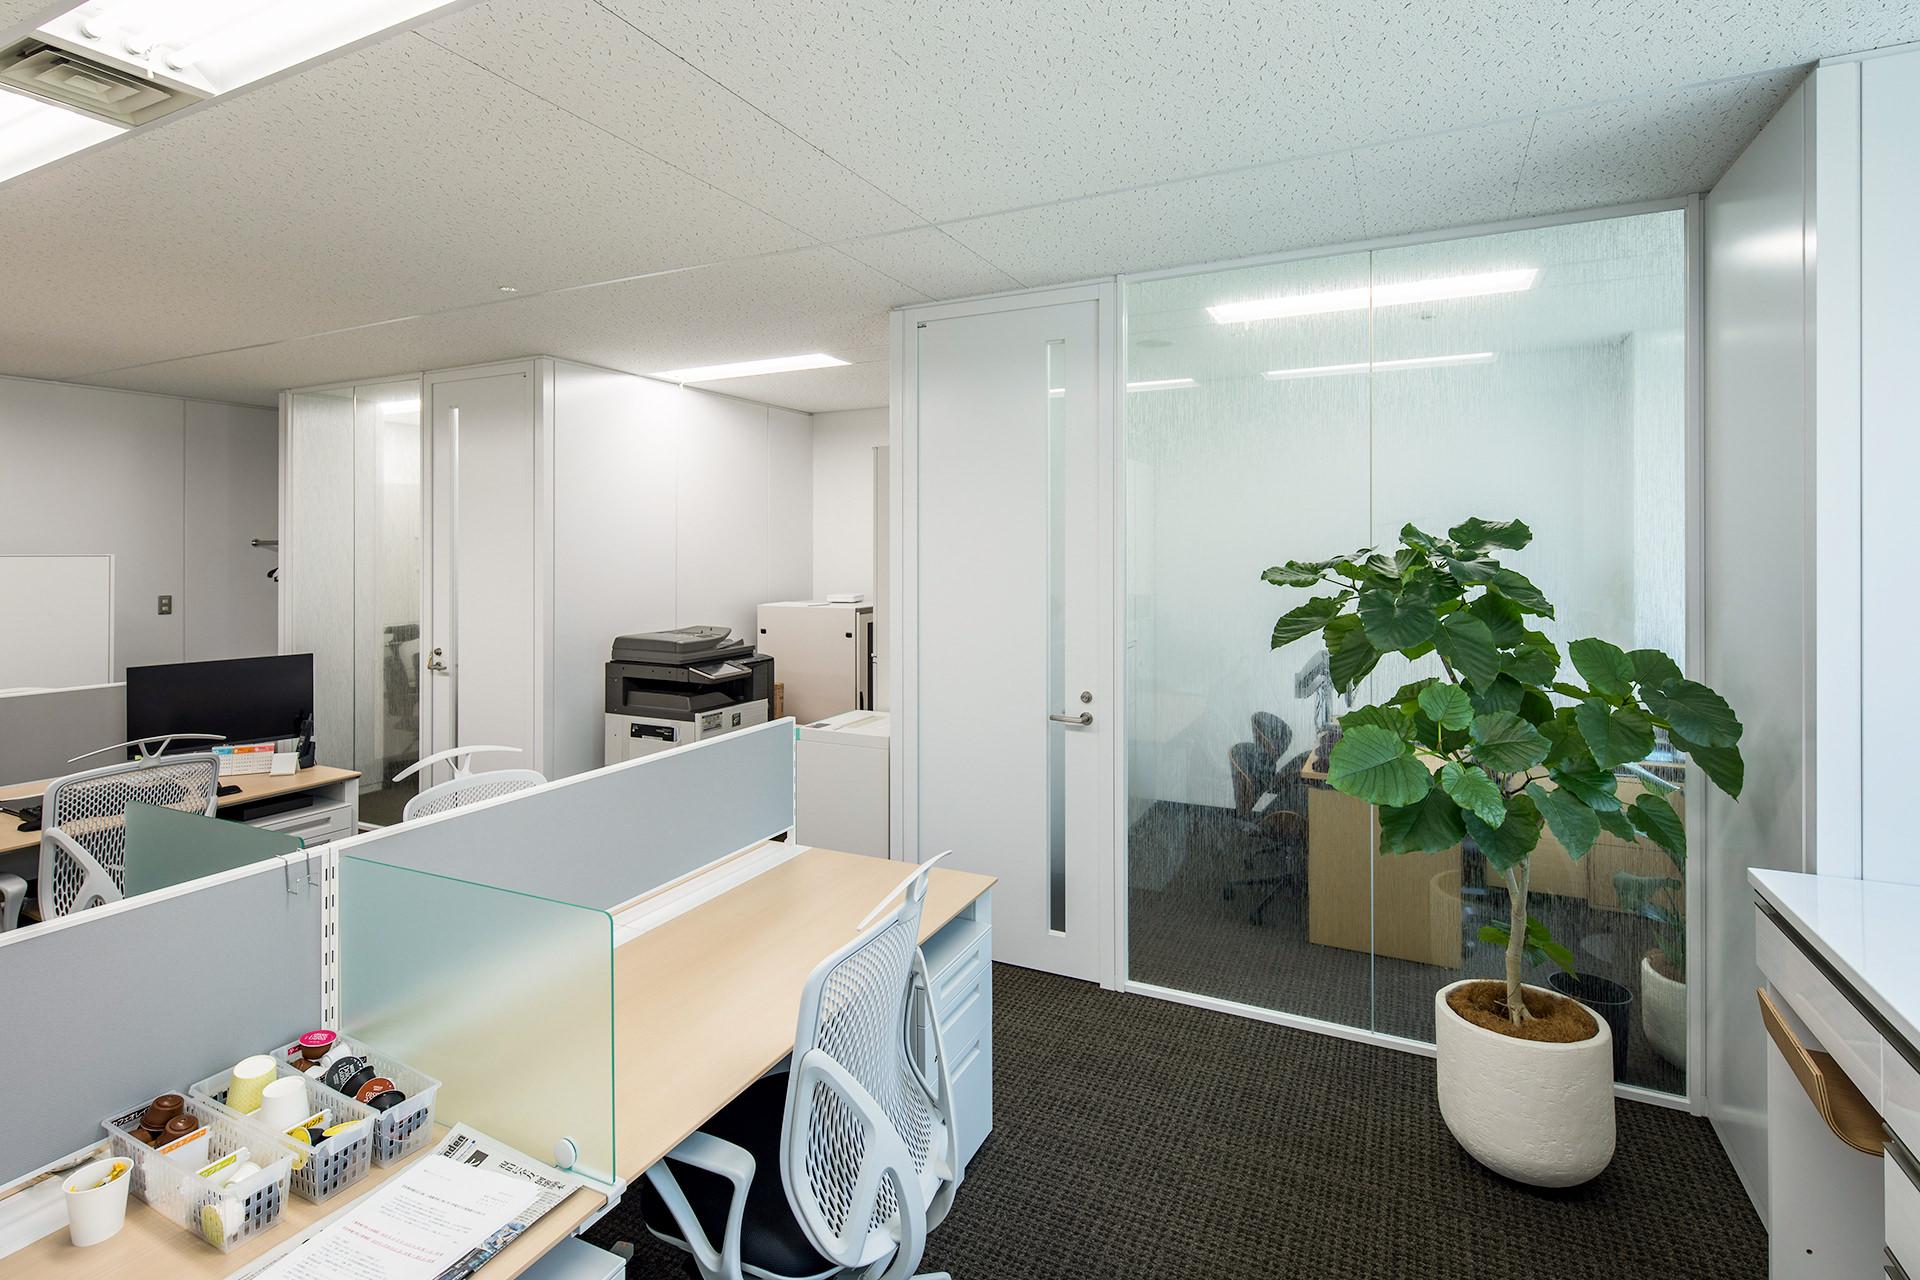 「日本バイオガスデベロップメント」オフィス竣工撮影の事例07